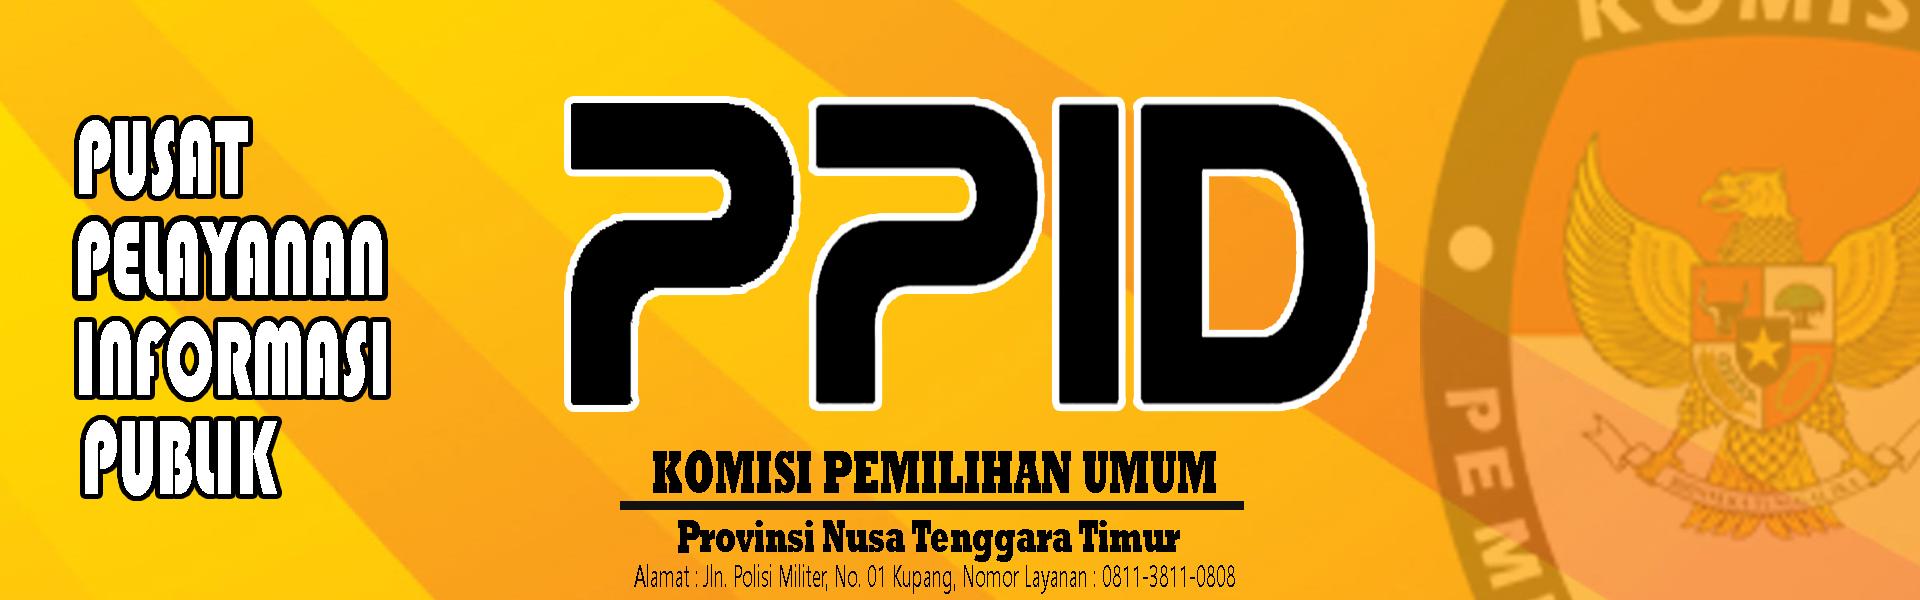 PPID Komisi Pemilihan Umum Provinsi Nusa Tenggara Timur